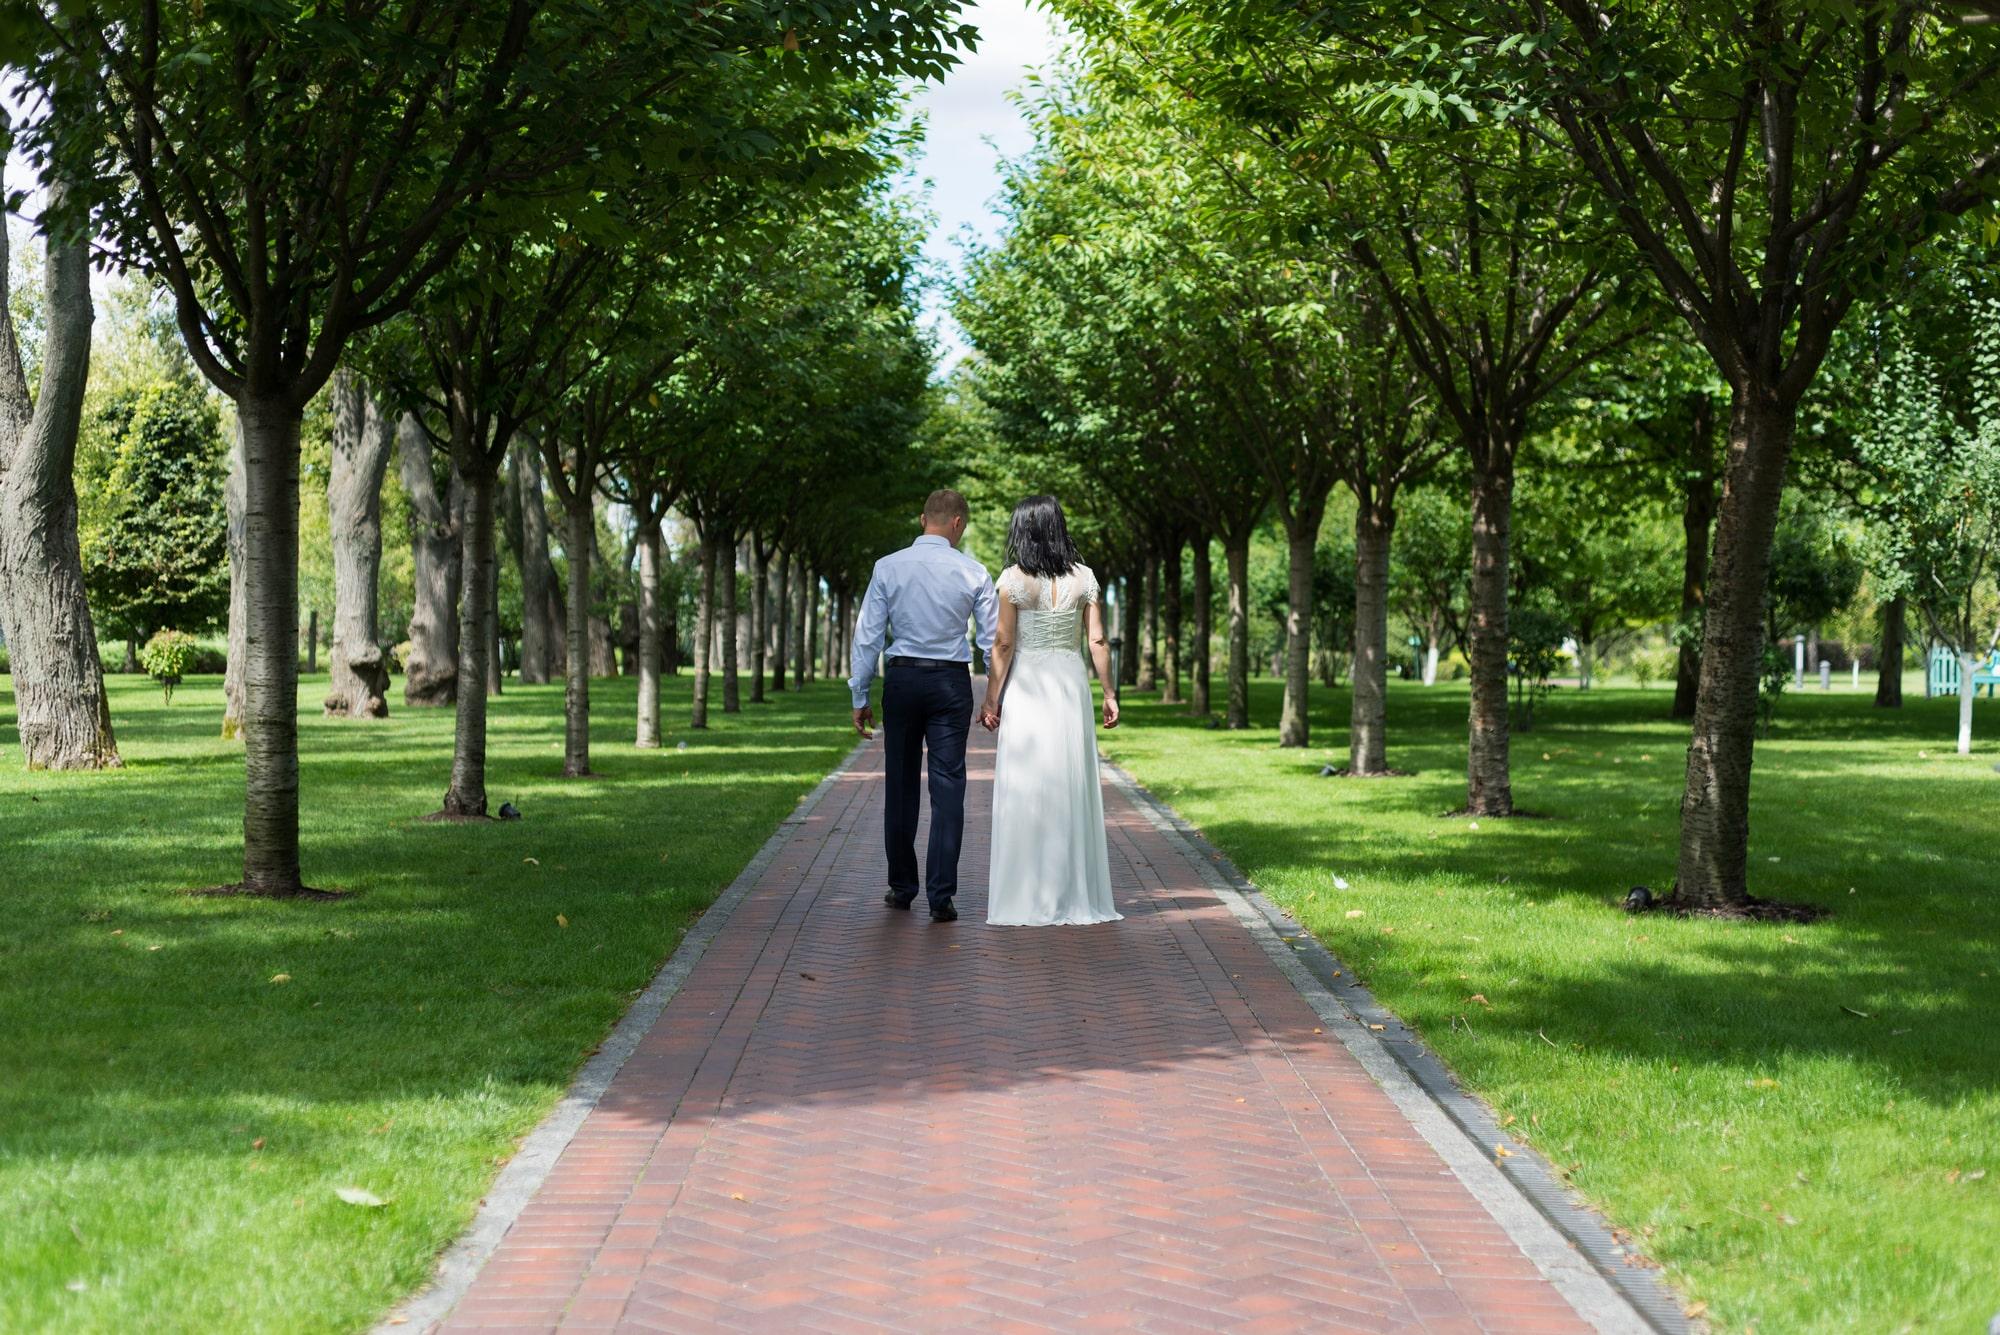 Свадебная фотосъемка в августе - под тенью деревьев